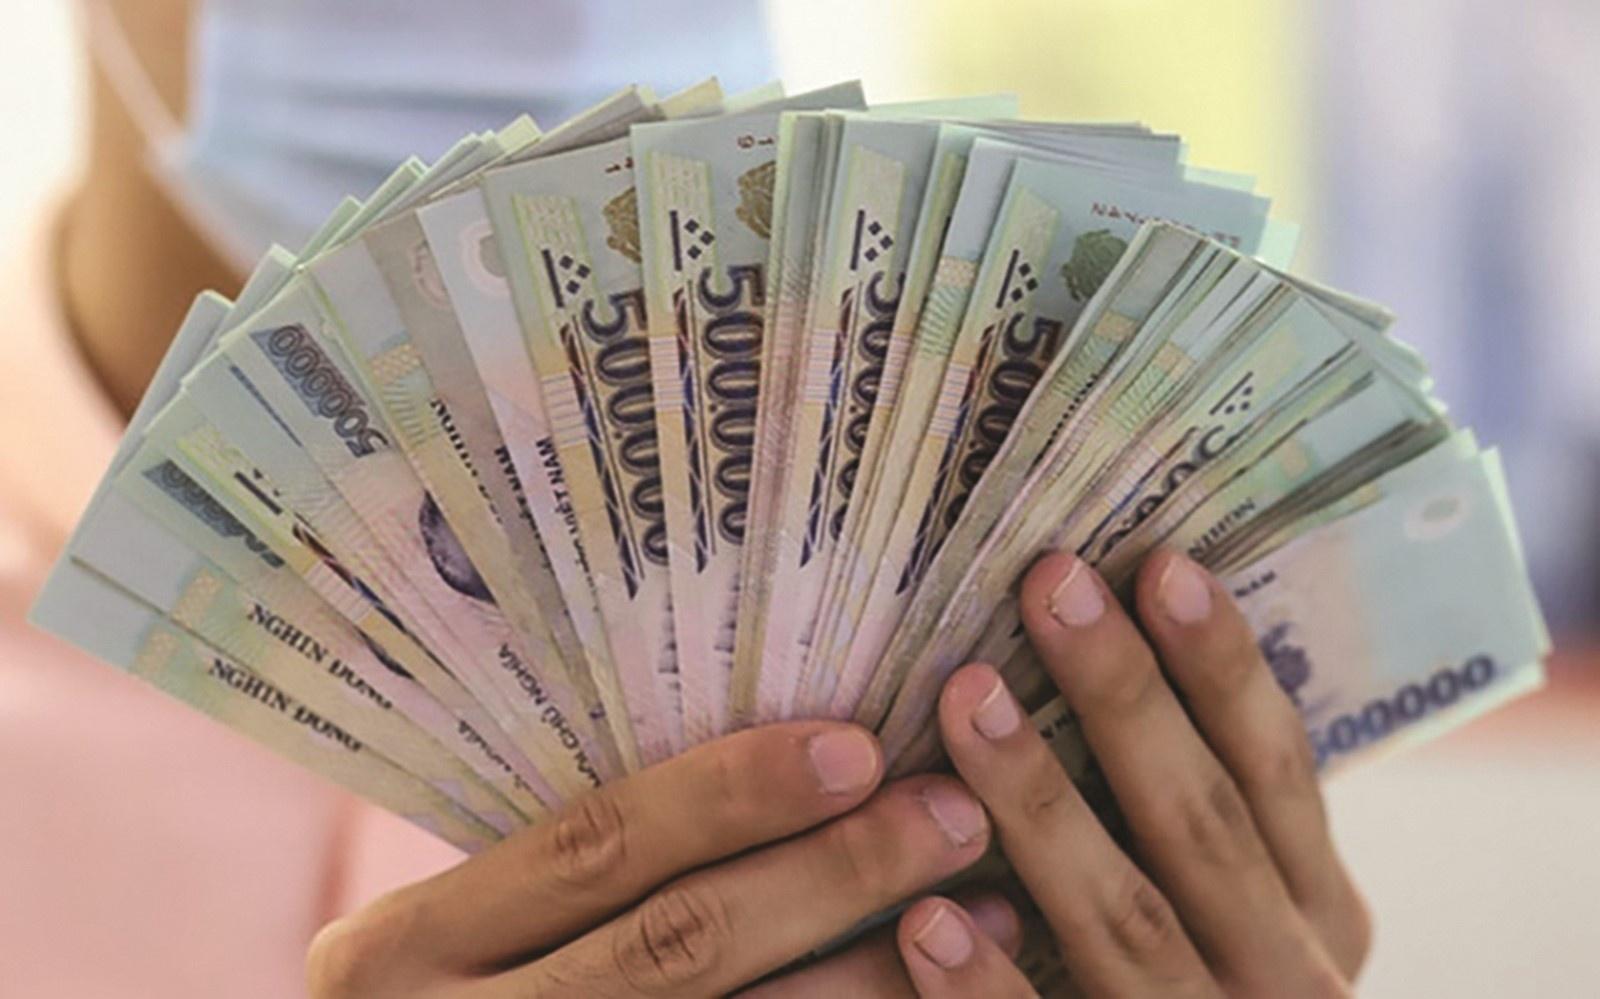 Khoảng 125.800 tỷ đồng trở lại các ngân hàng?